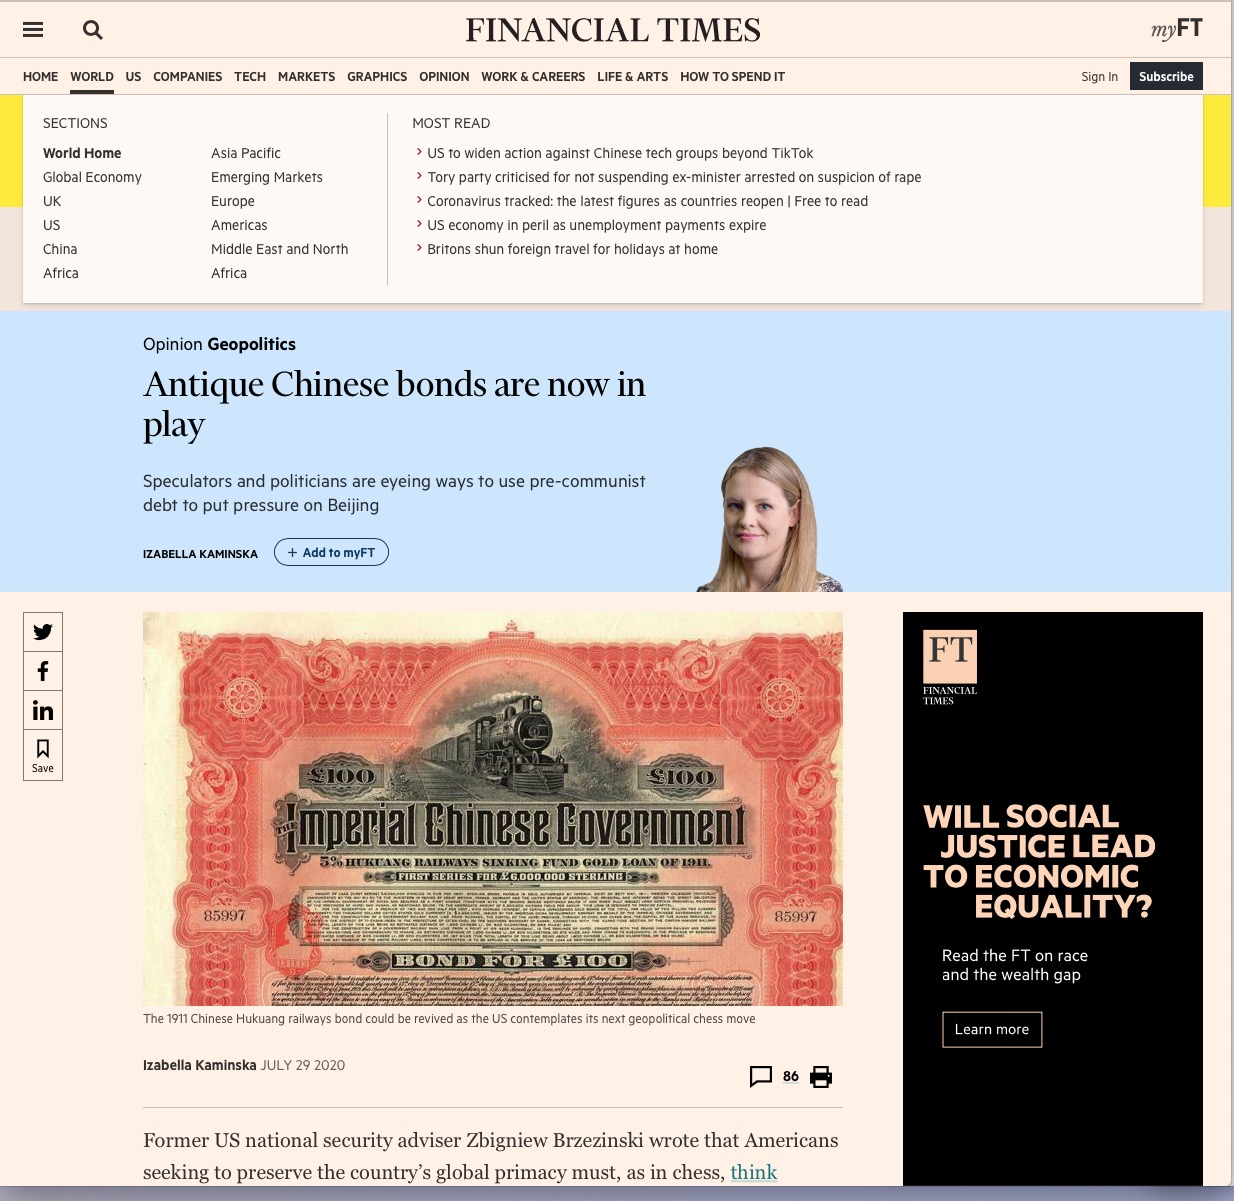 Importante articolo del Financial Times dove si parla che ora sono in gioco i titoli storici cinesi. • Scripomarket